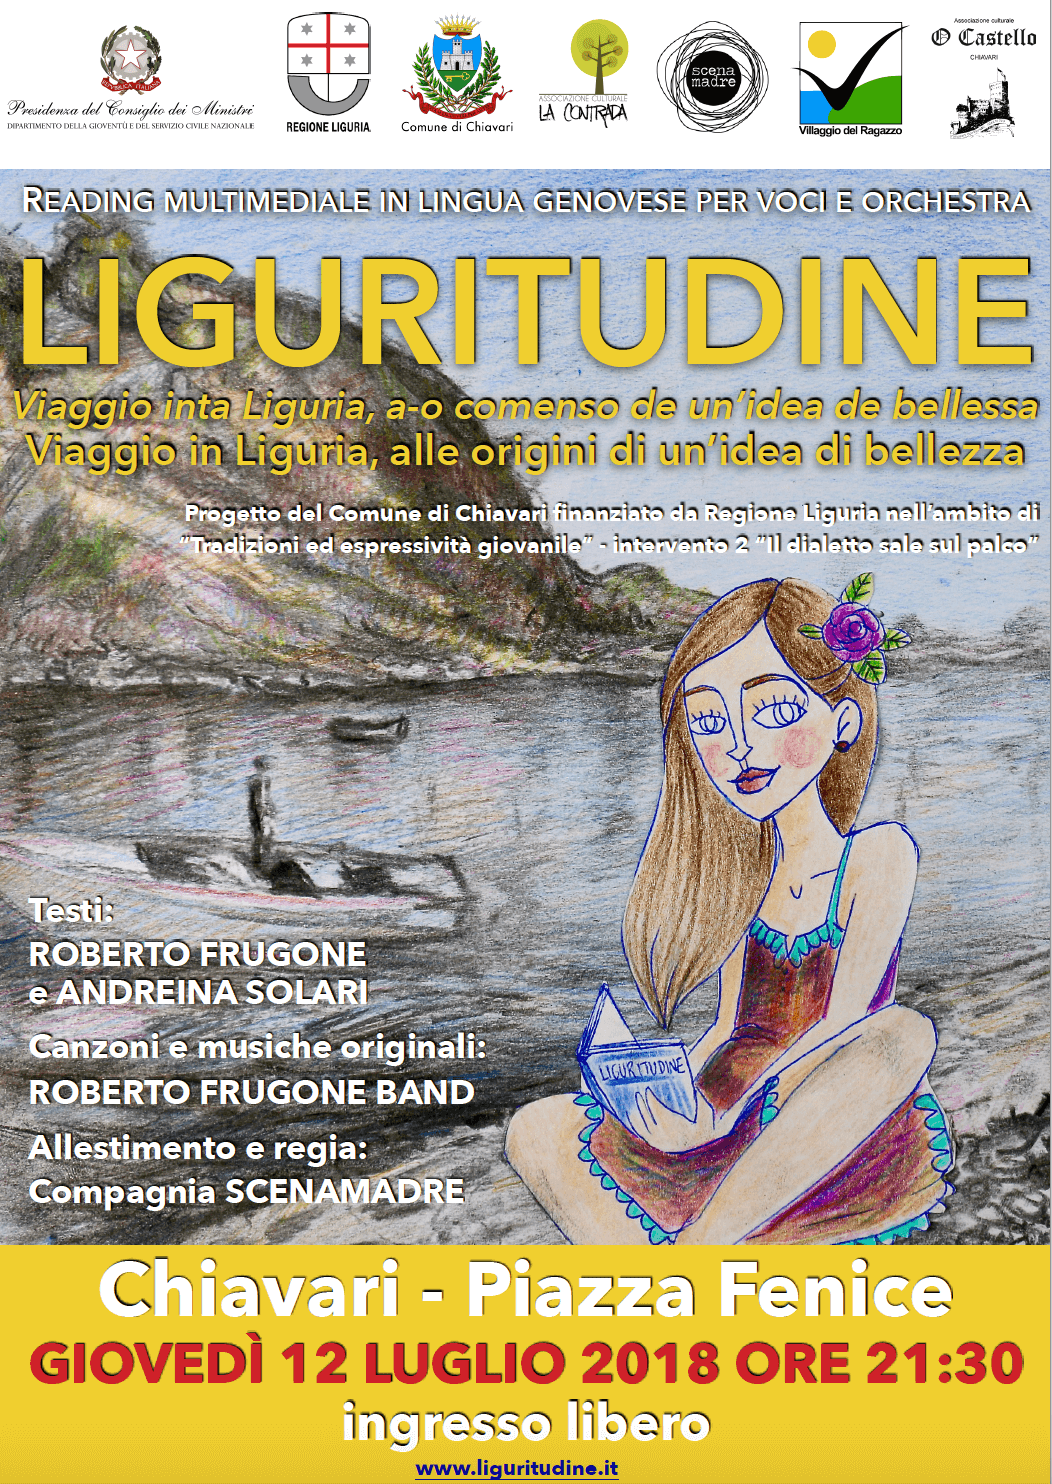 Liguritudine-locandina-spettacolo-12-luglio-2018